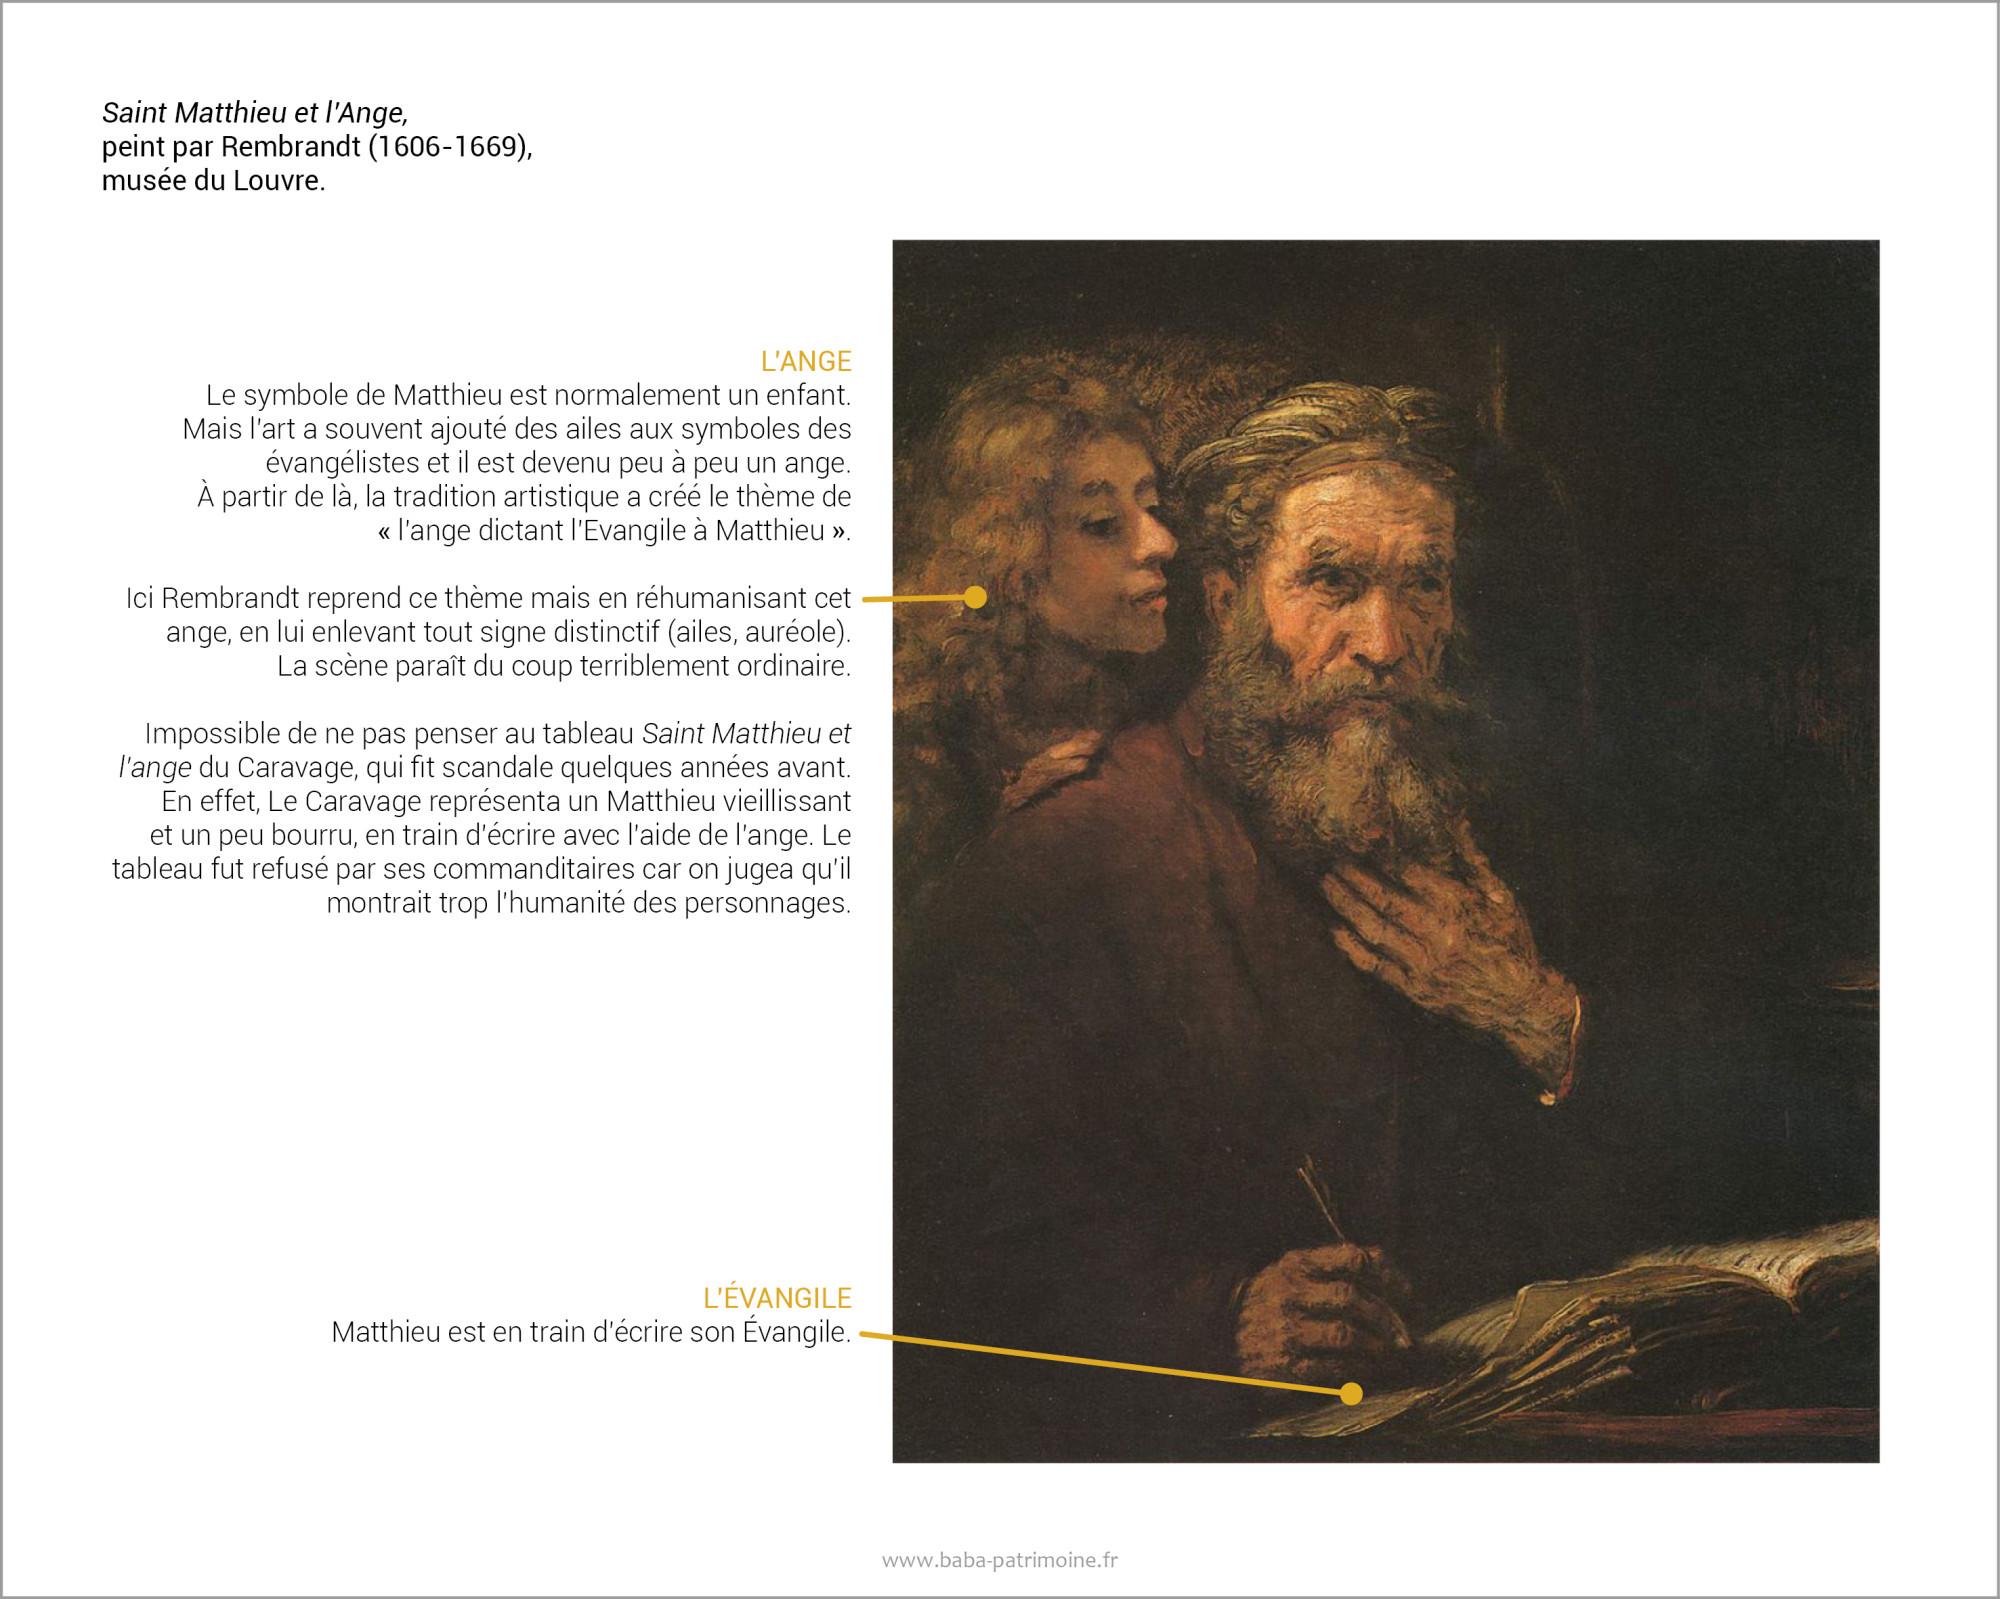 Saint Matthieu et l'Ange, peint par Rembrandt (1606-1669). Musée du Louvre.